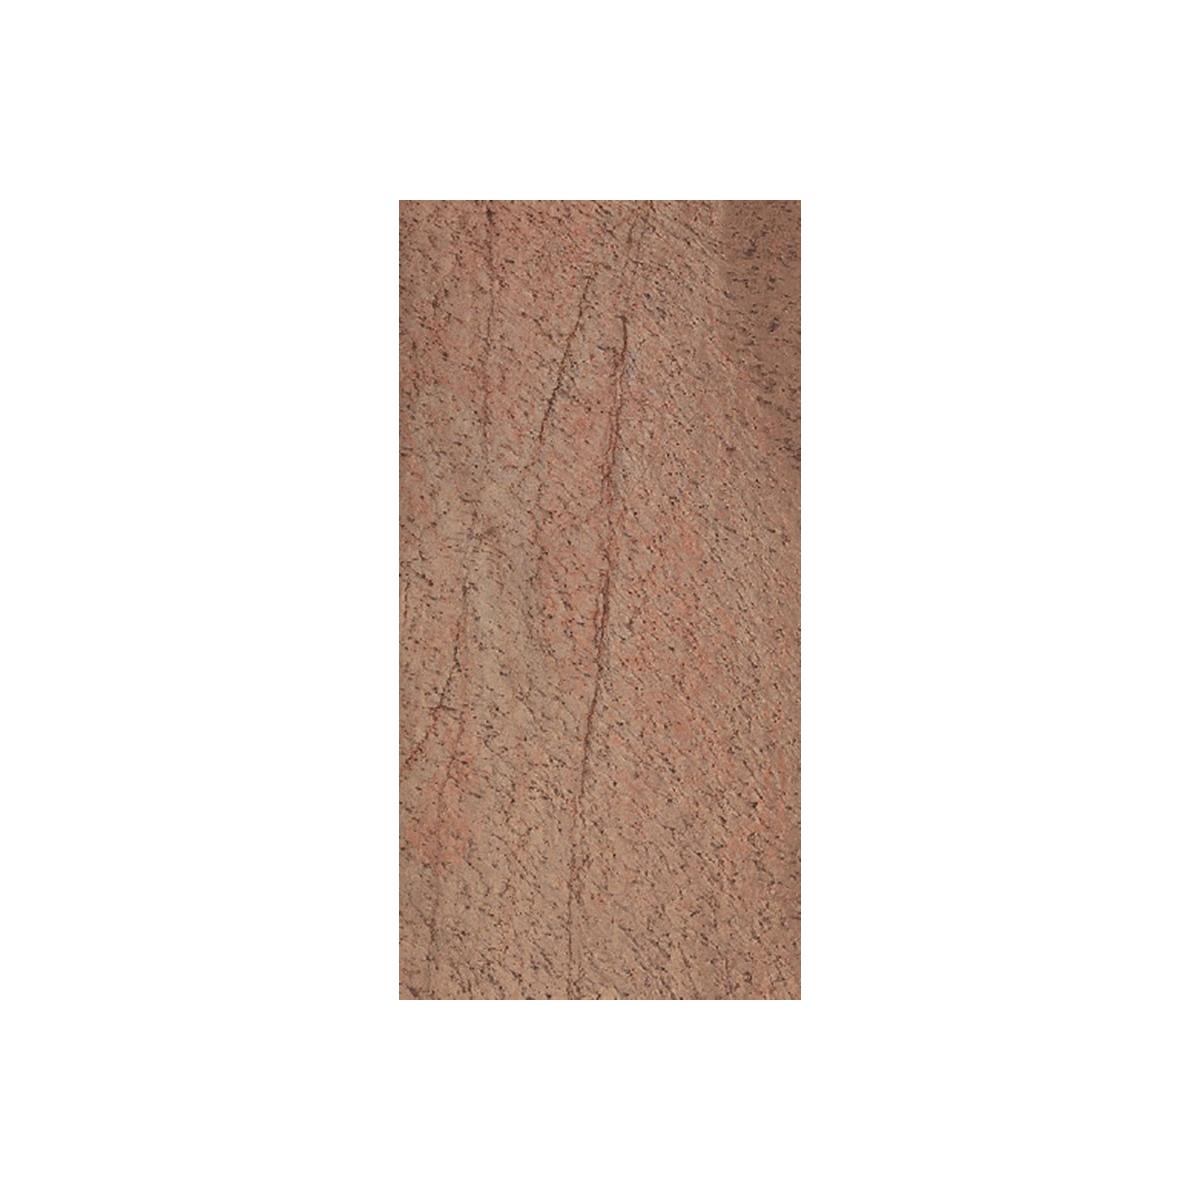 Pizarra natural flexible FS6003 / FT3003 (ud) Revestimiento con Pizarra natural flexible